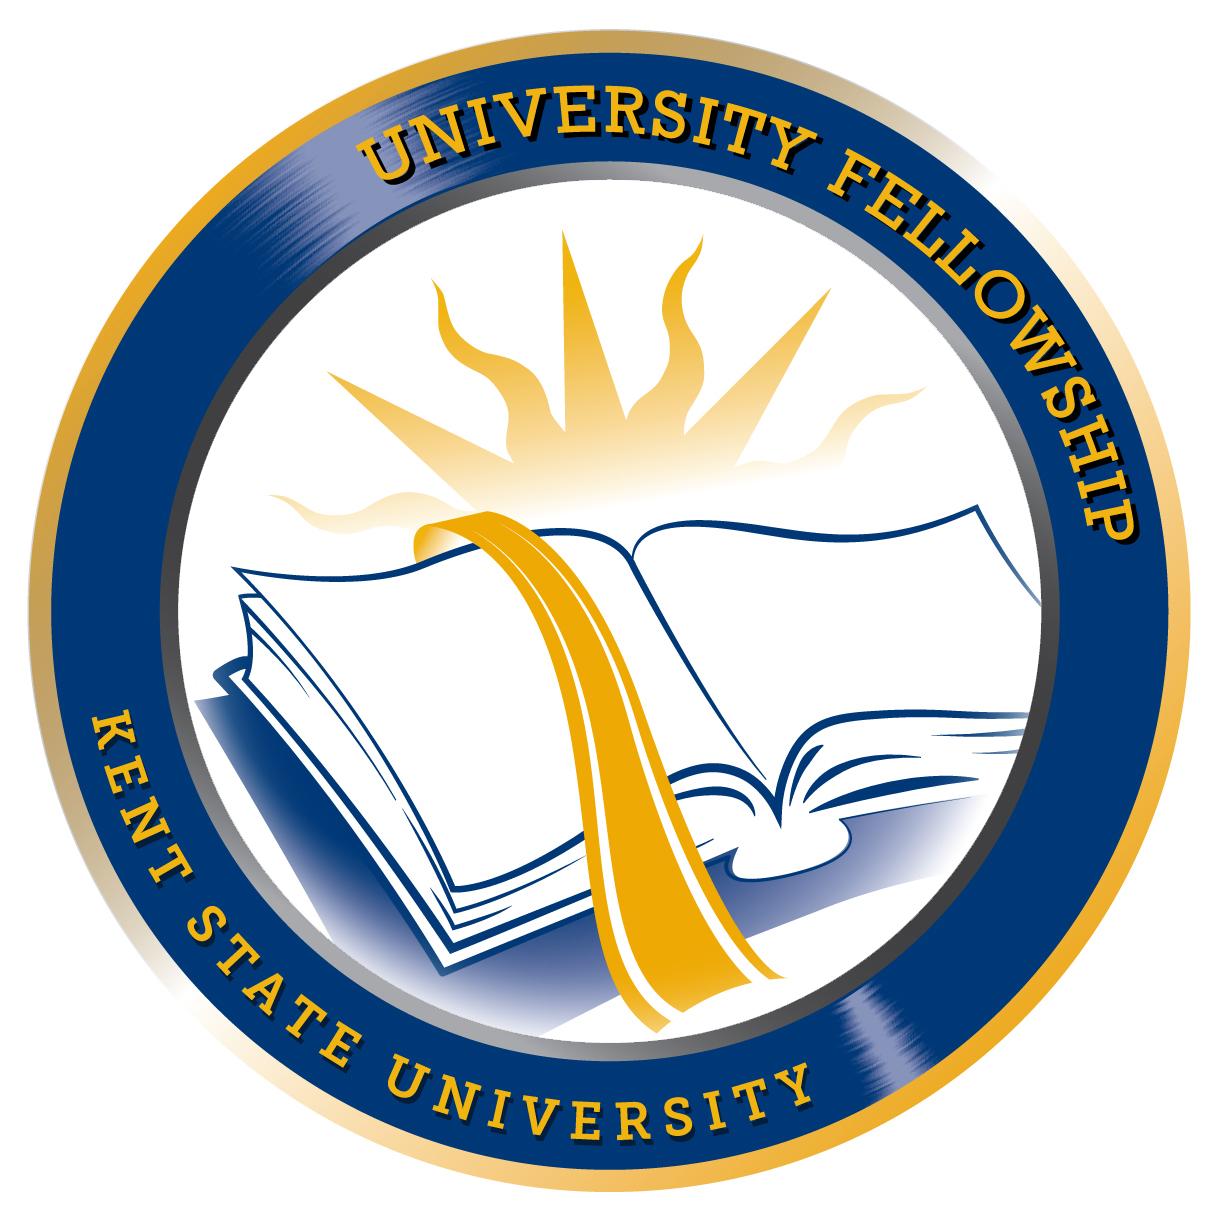 home ubuntu readabout.me tmp 1447960068 94 zip badge grad studies merit badge university fellowship